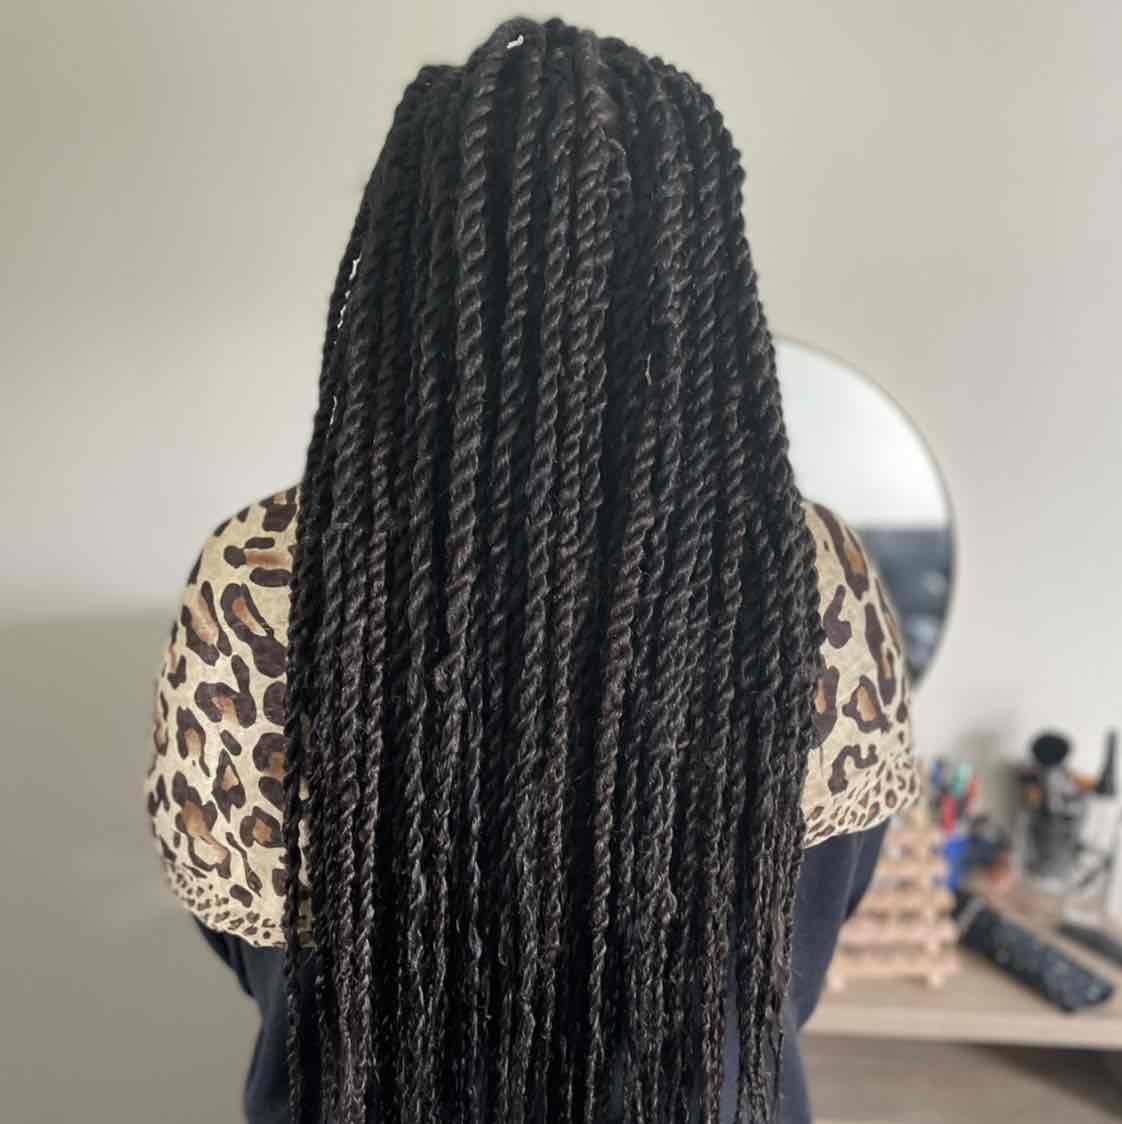 salon de coiffure afro tresse tresses box braids crochet braids vanilles tissages paris 75 77 78 91 92 93 94 95 BIYTOZNB